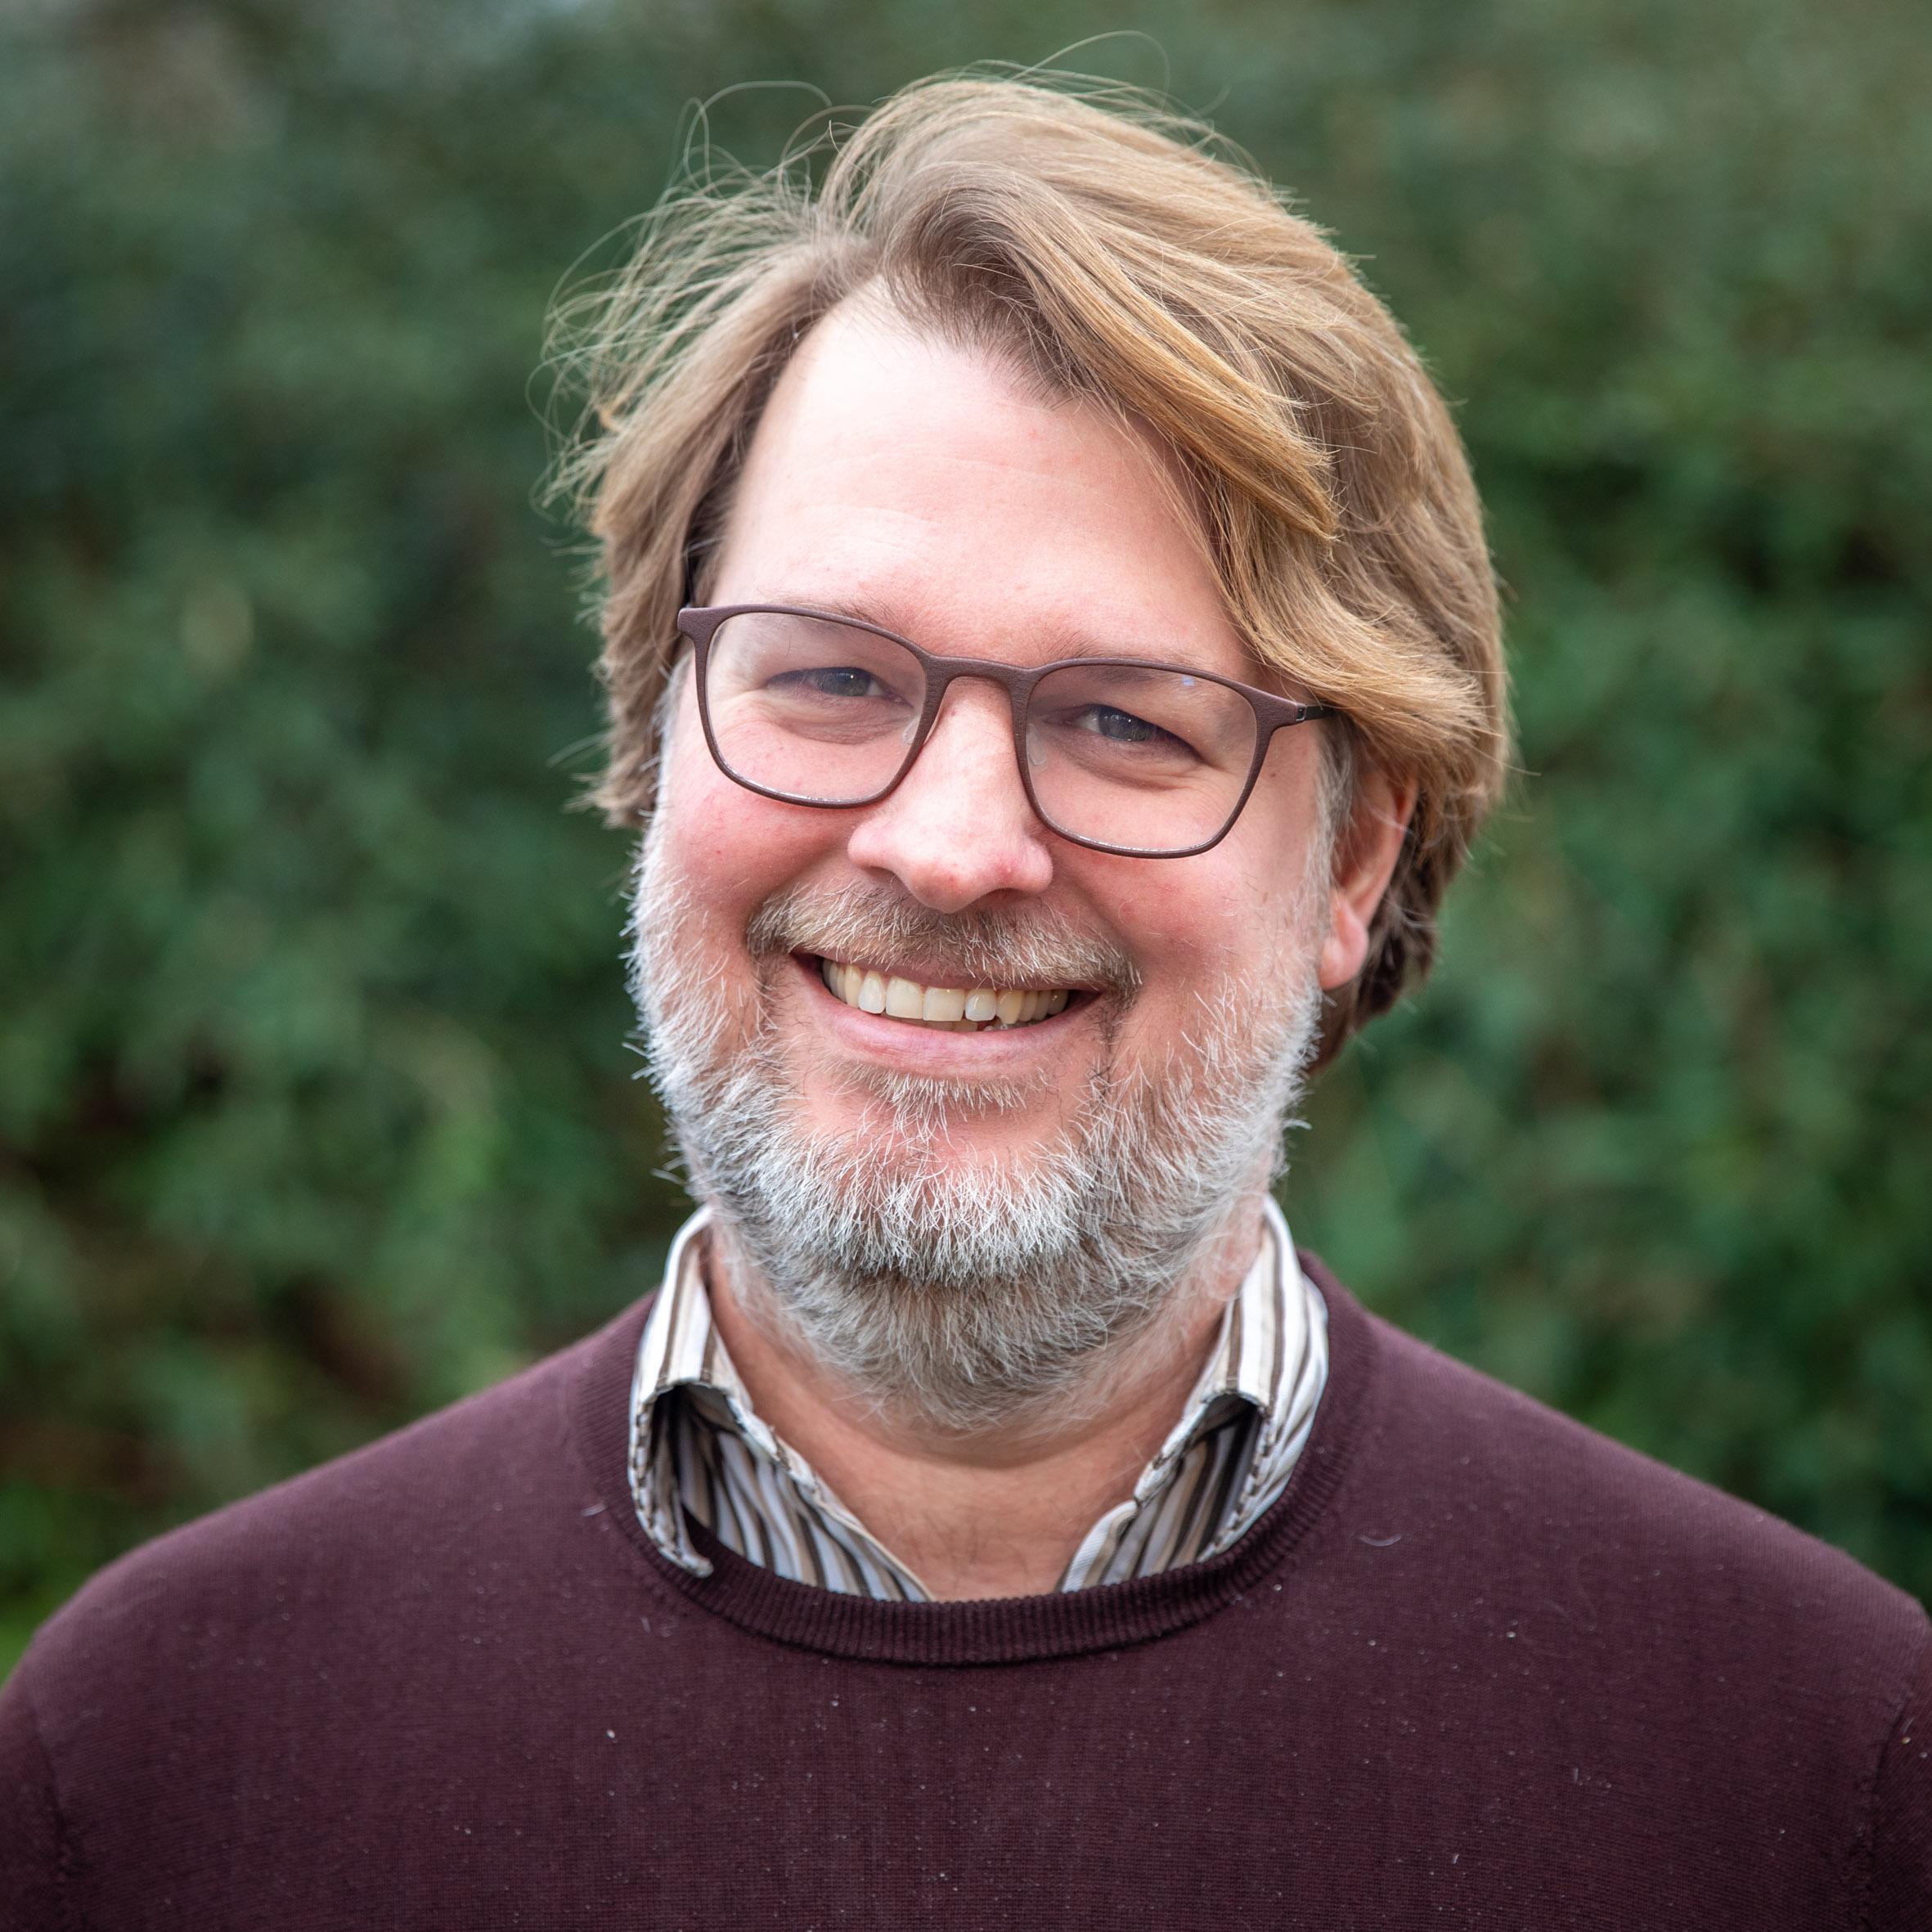 Auteur: Michiel Lensink